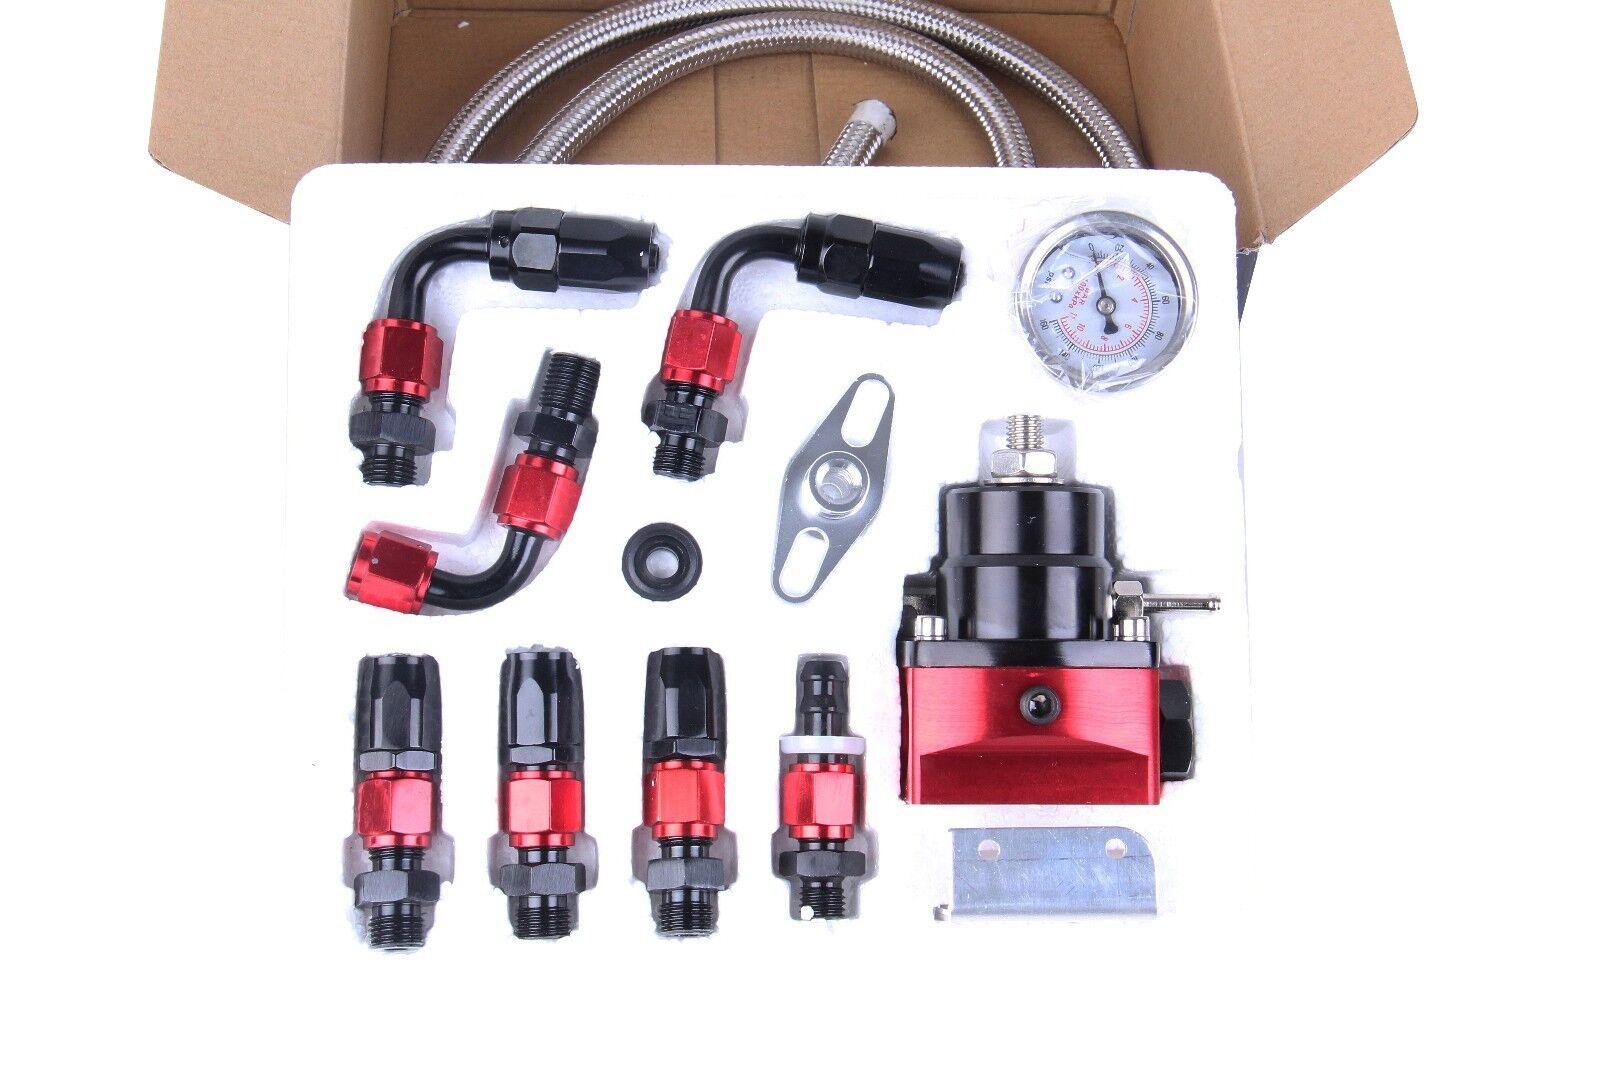 Universal Adjustable Fuel Pressure Regulator Kit 100PSI Oil Gauge AN 6 Hose End